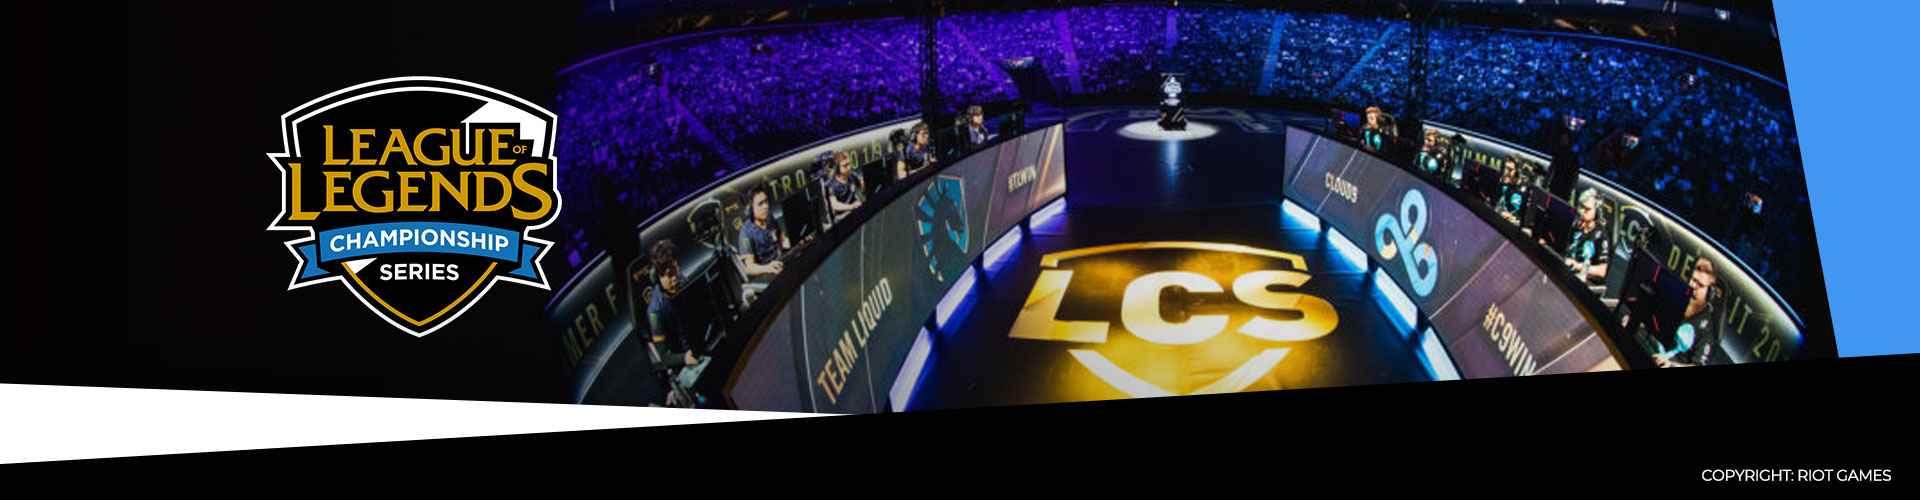 Eventsida för LCS 2020 och dess vårsäsong.